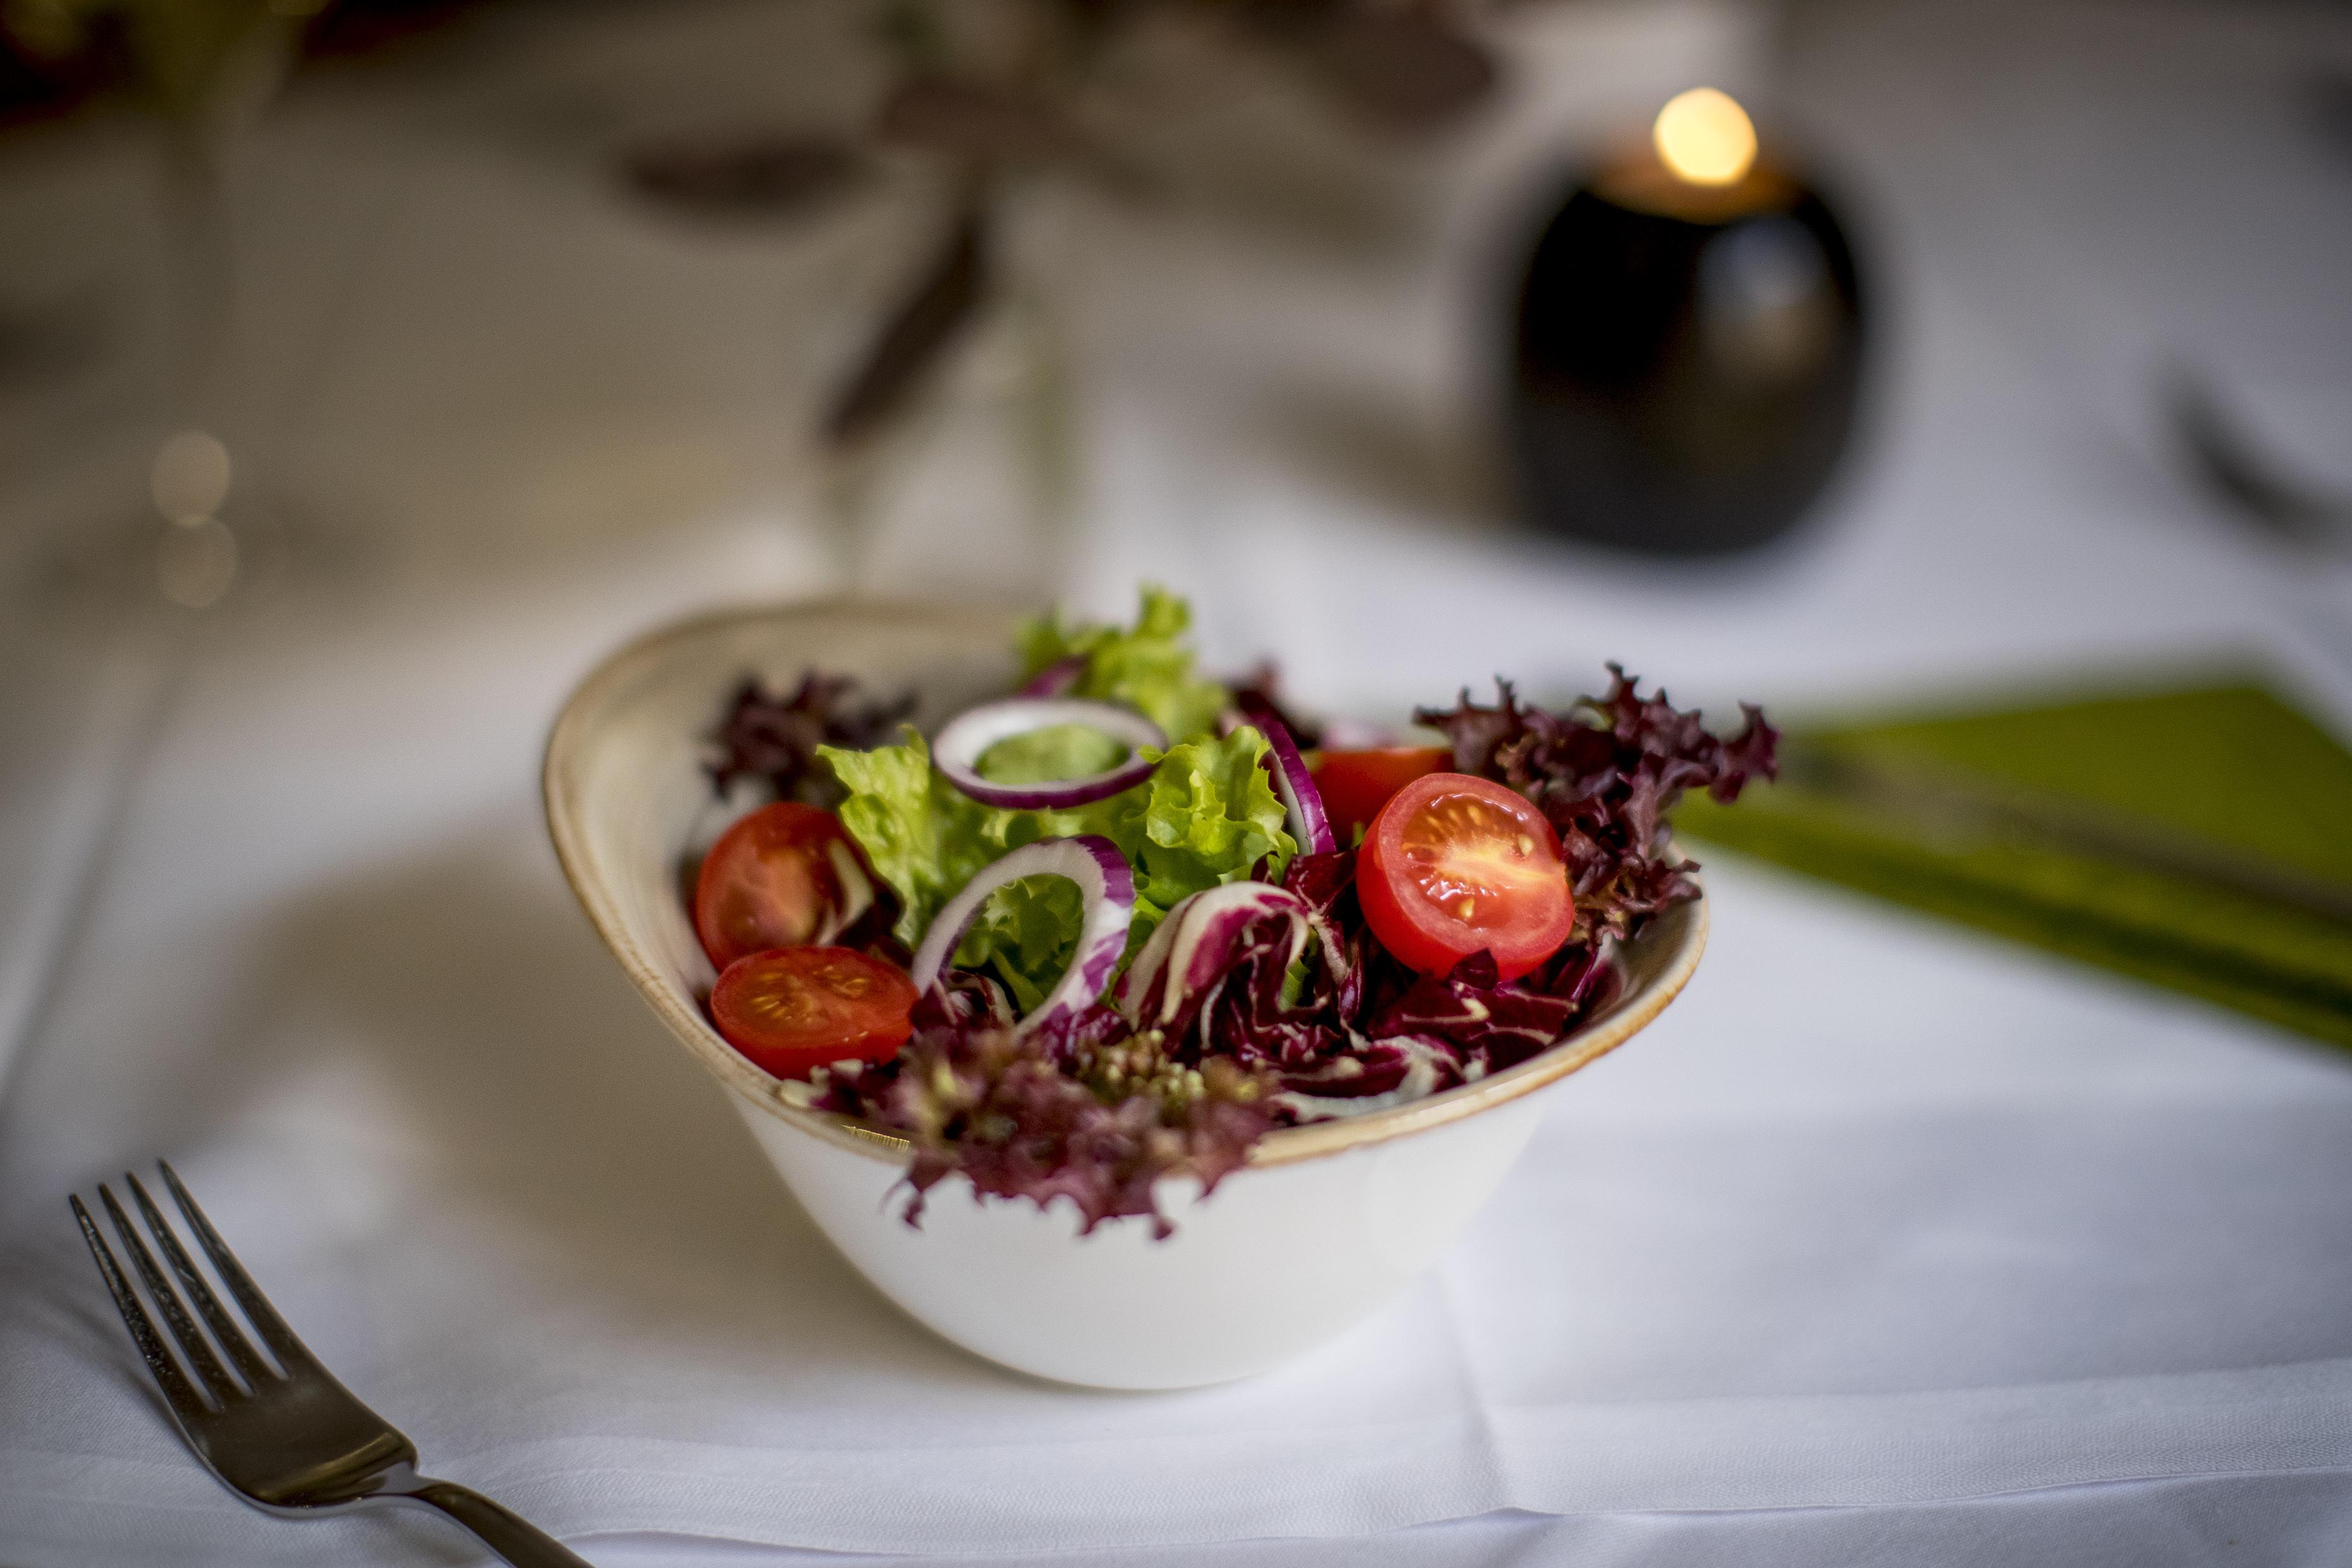 Sie sehen einen gemischten Salat. JUFA Hotels bietet erholsamen Familienurlaub und einen unvergesslichen Winter- und Wanderurlaub.